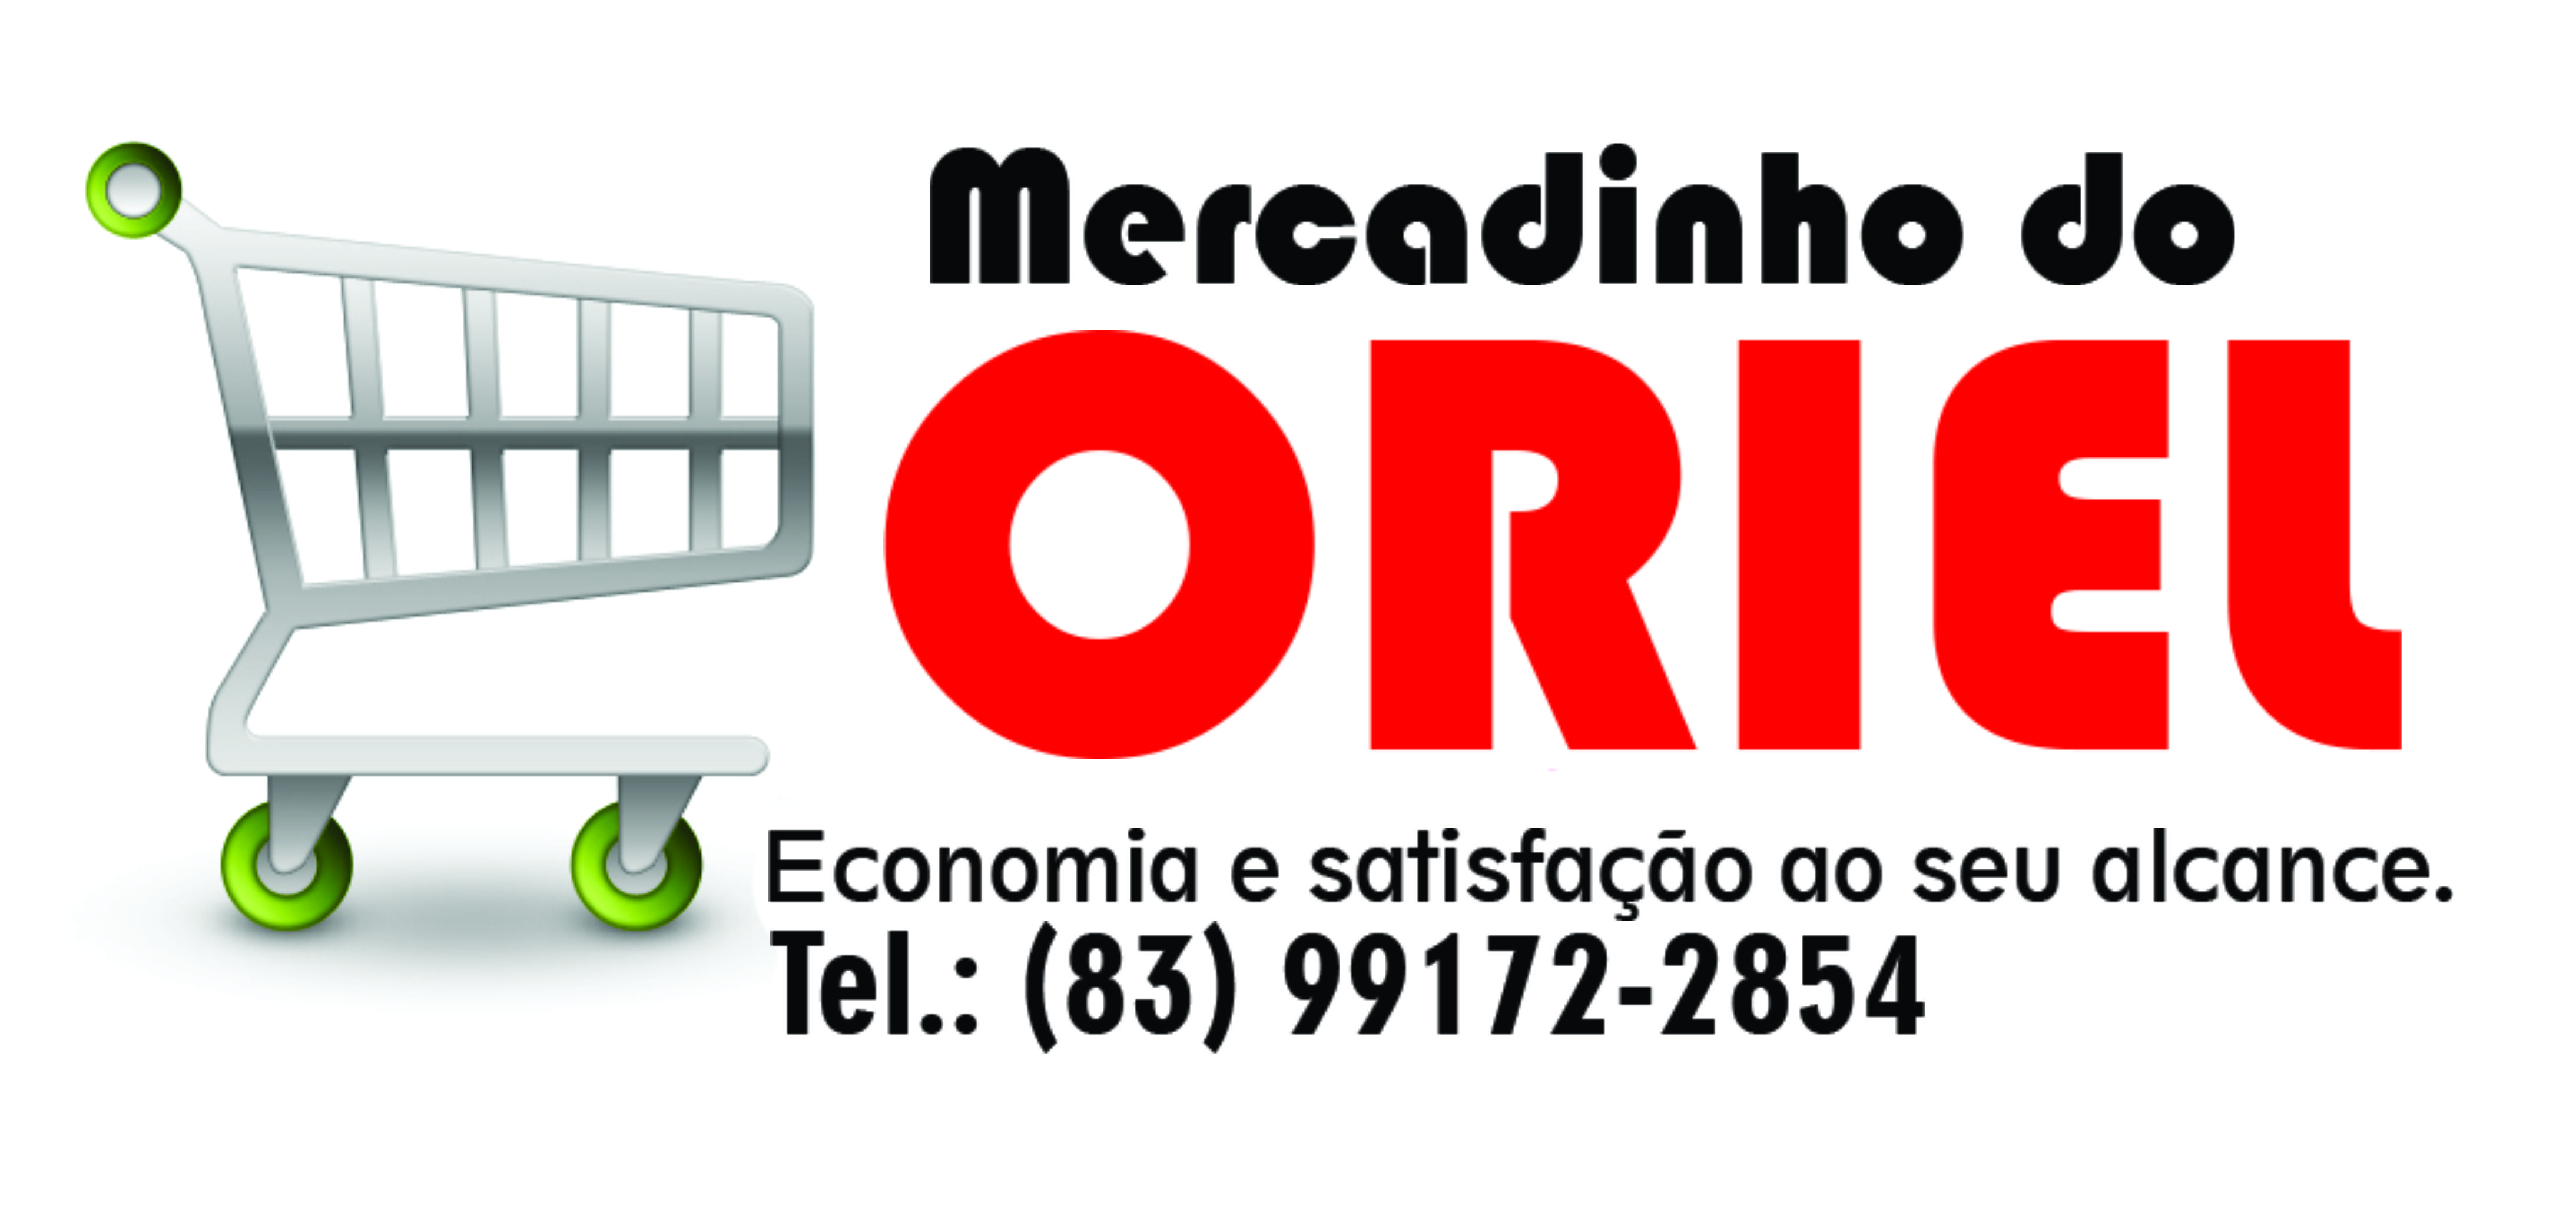 Mercadinho do Oriel